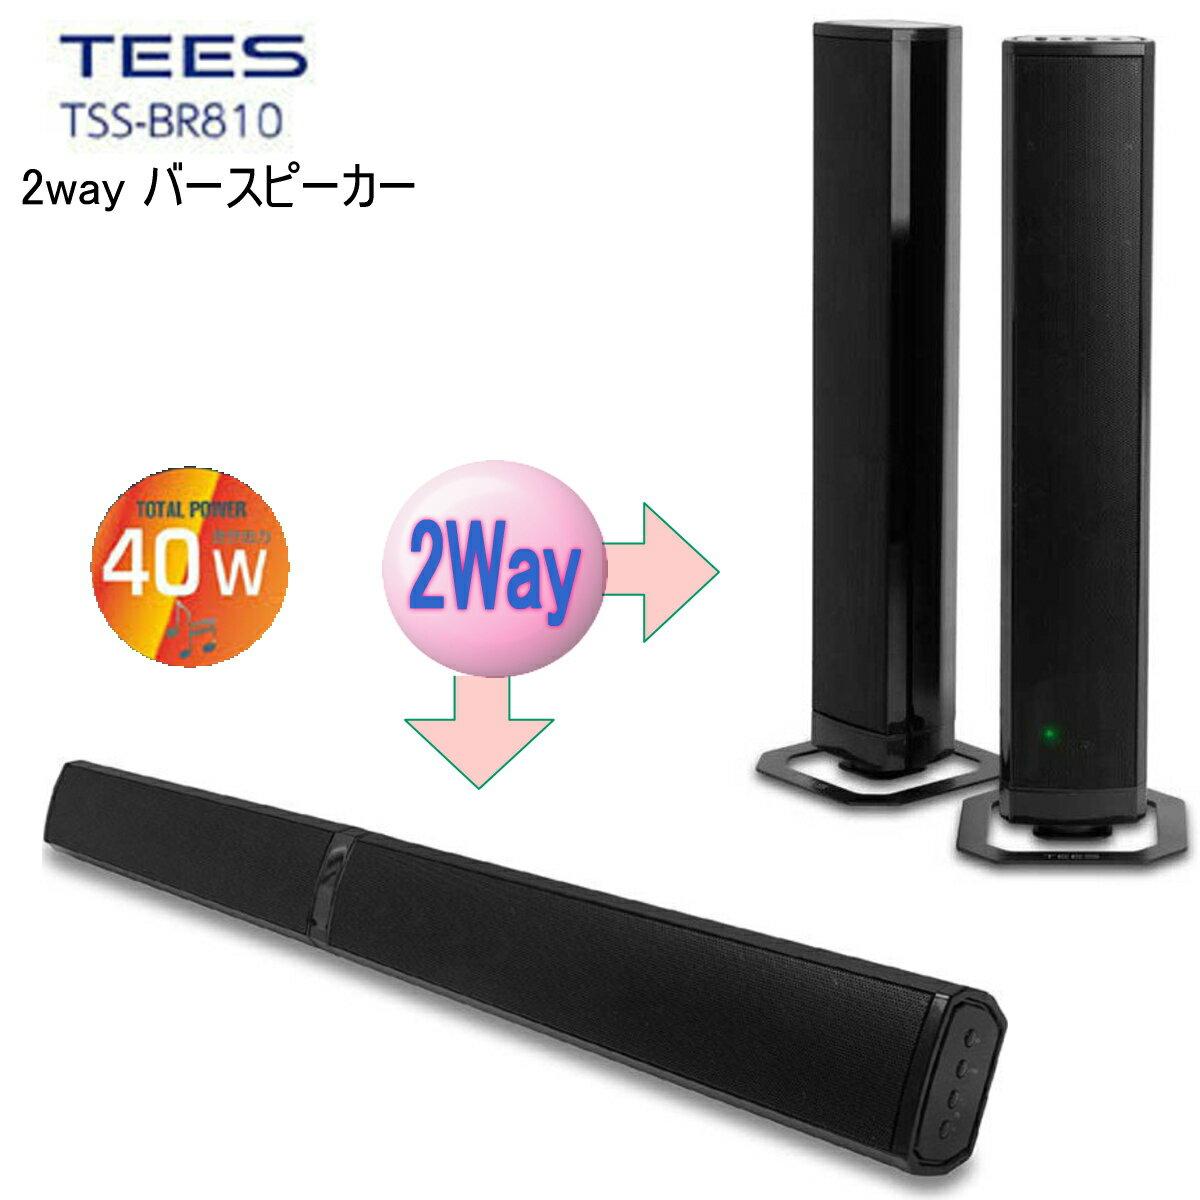 オーディオ, スピーカー TEES TSS-BR810 Bluetooth ARCHDMI 2WAY